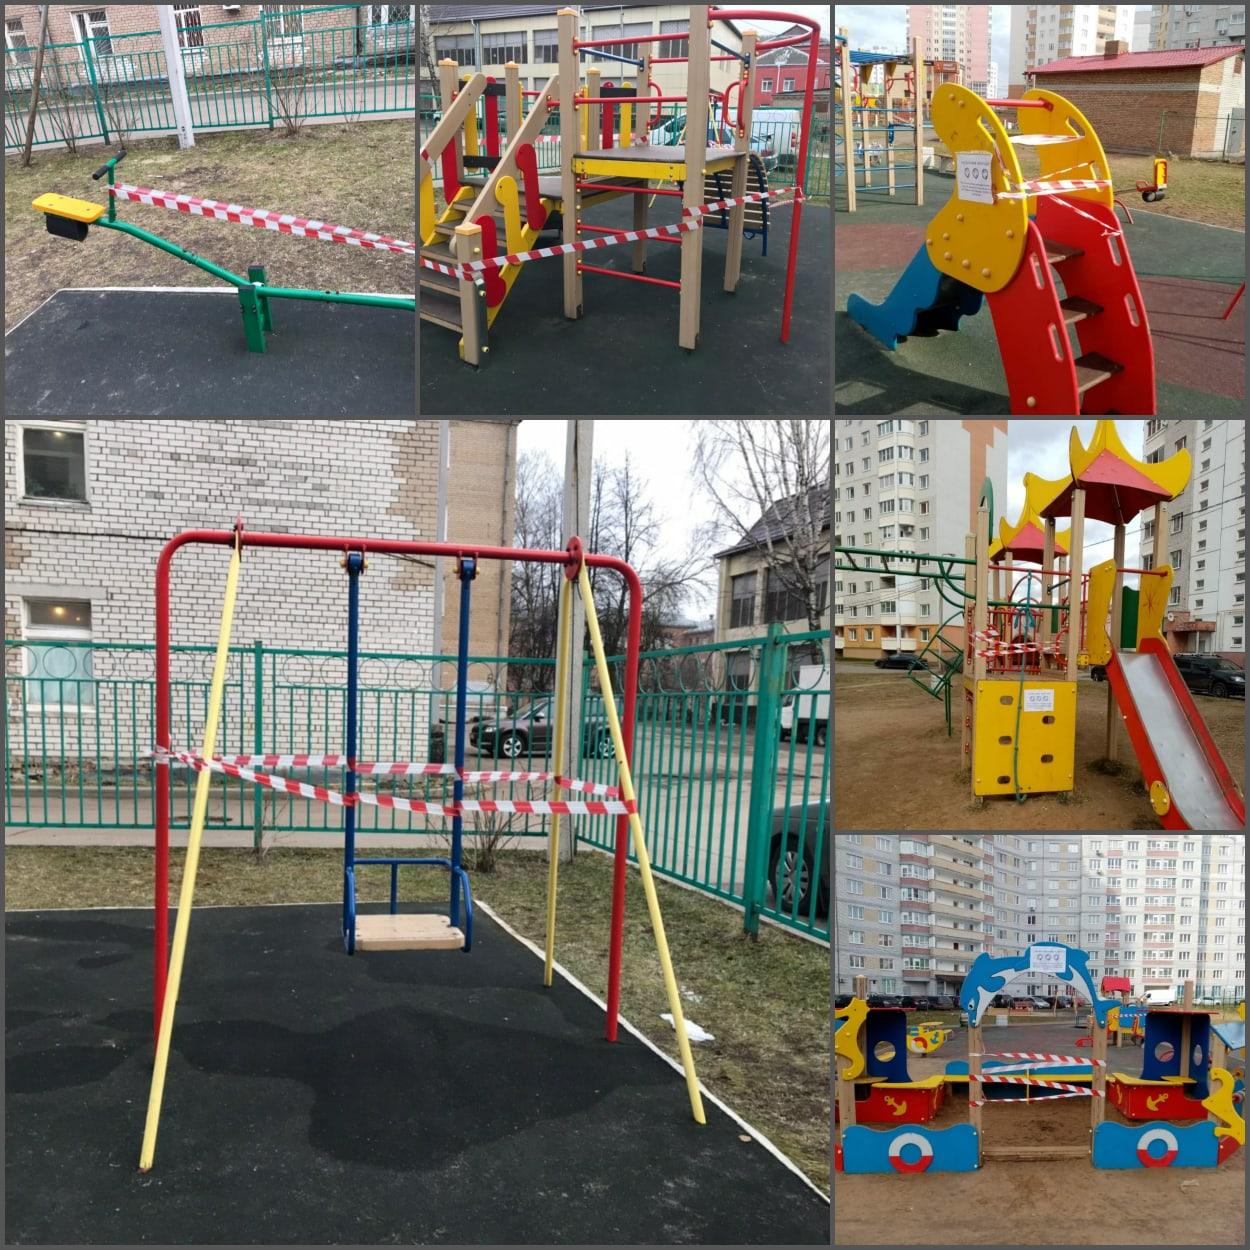 В Ярославле ограничивают доступ к детским площадкам